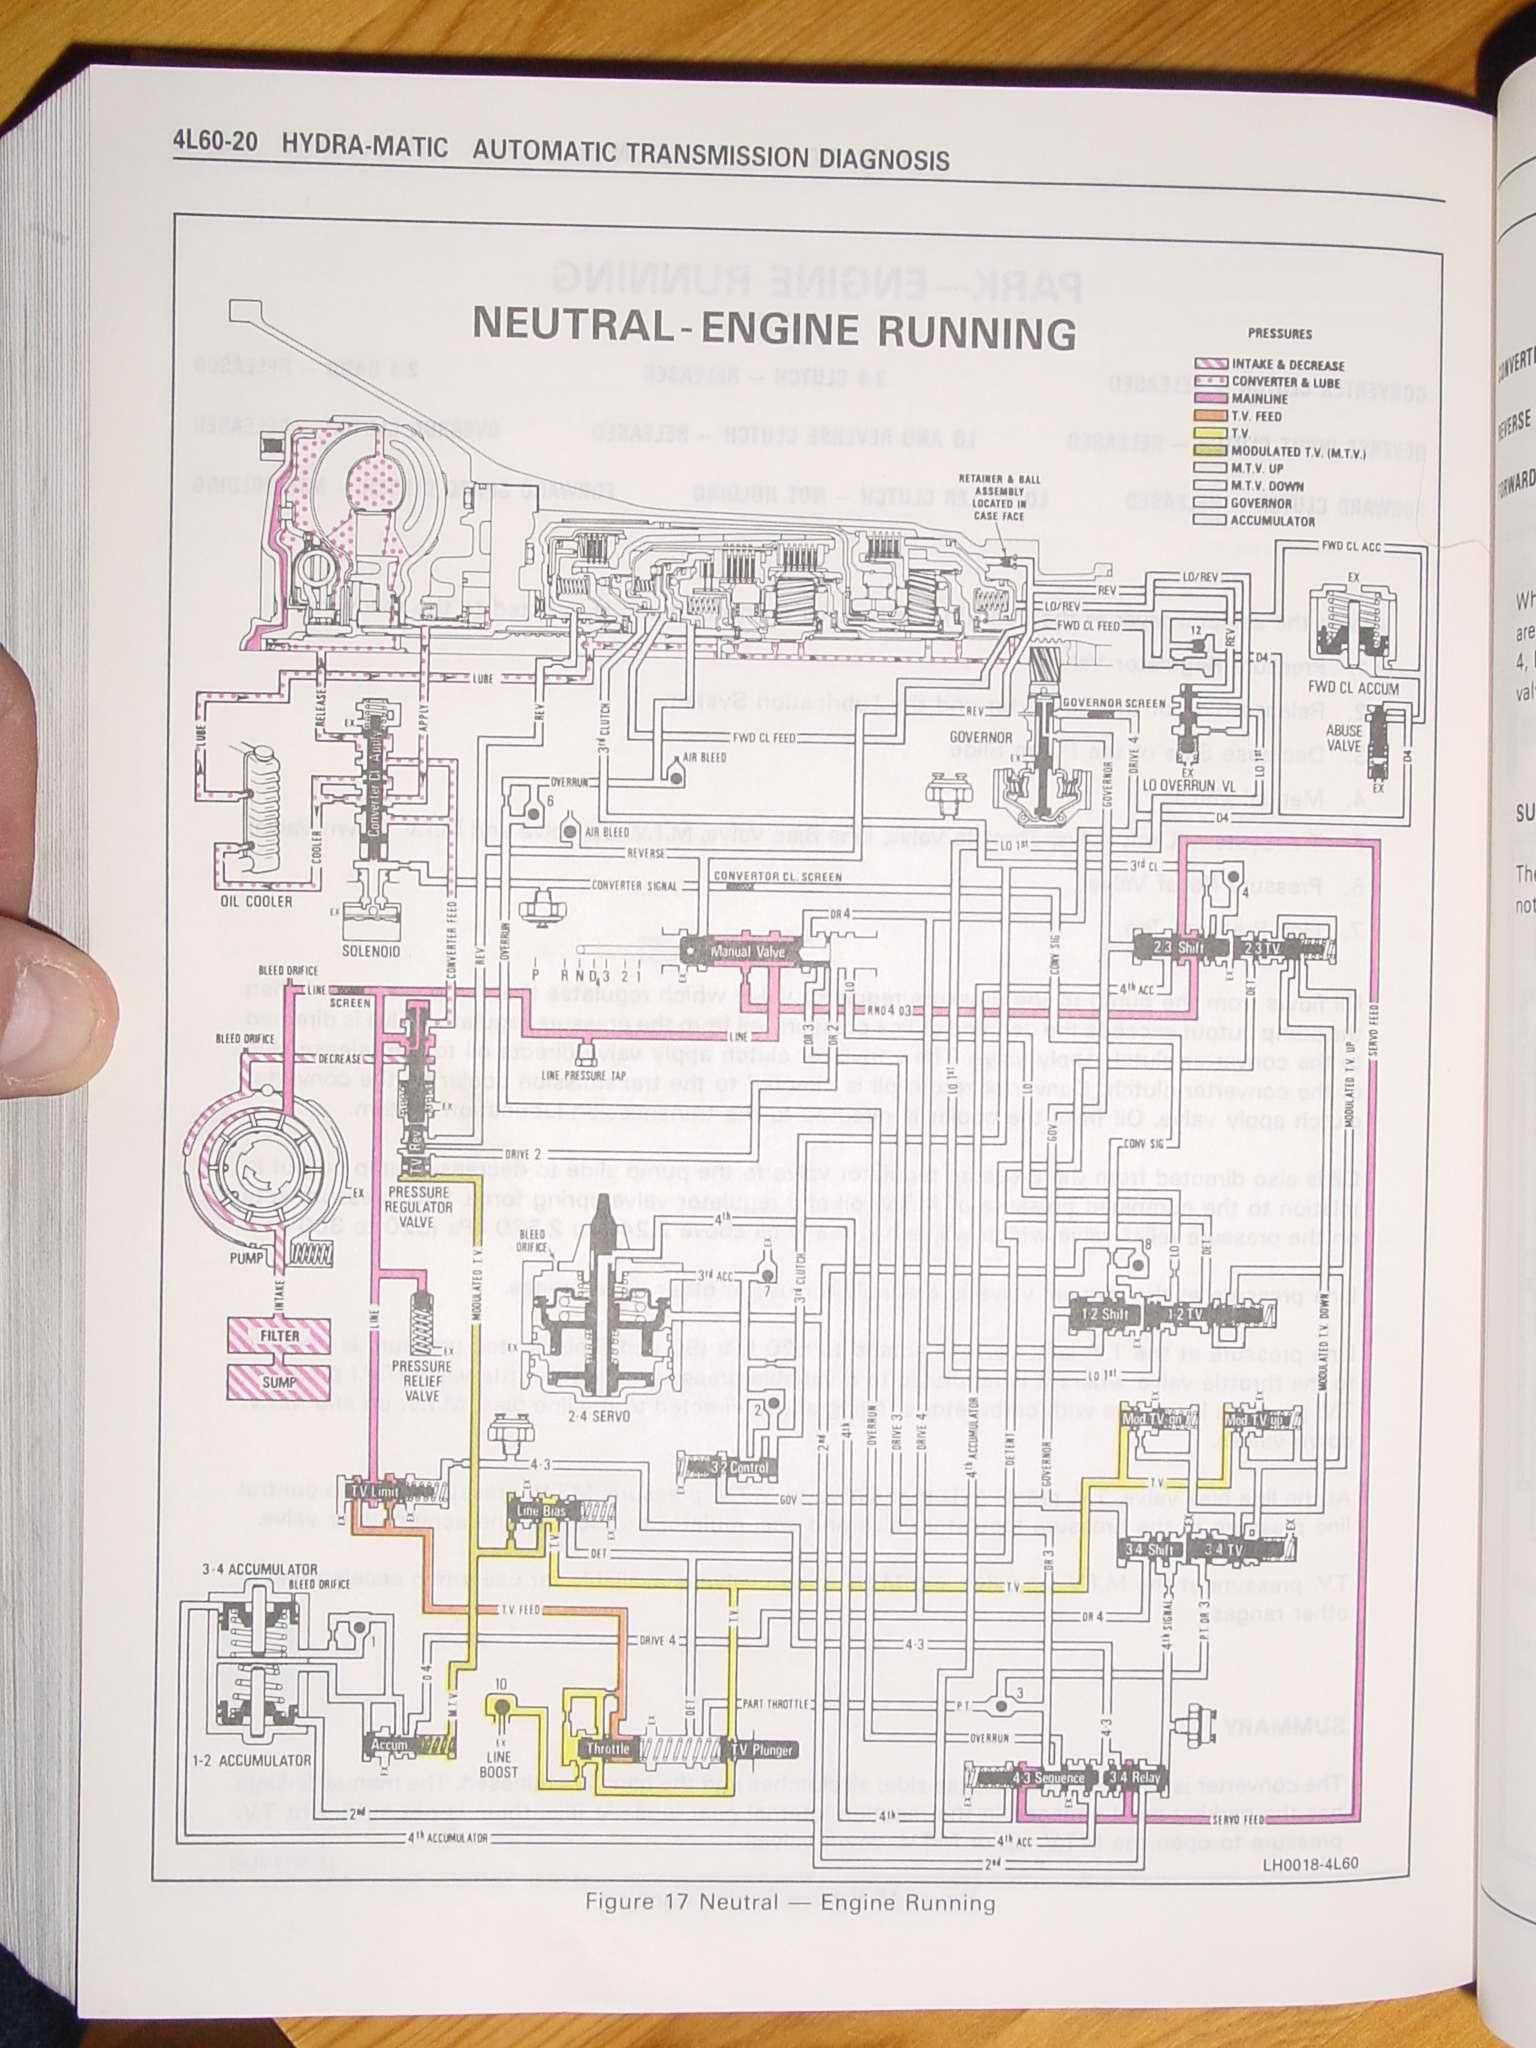 Camaro Iroc Z 1989 Picture Galleri Running Engine Diagram Diagnosis Neutral